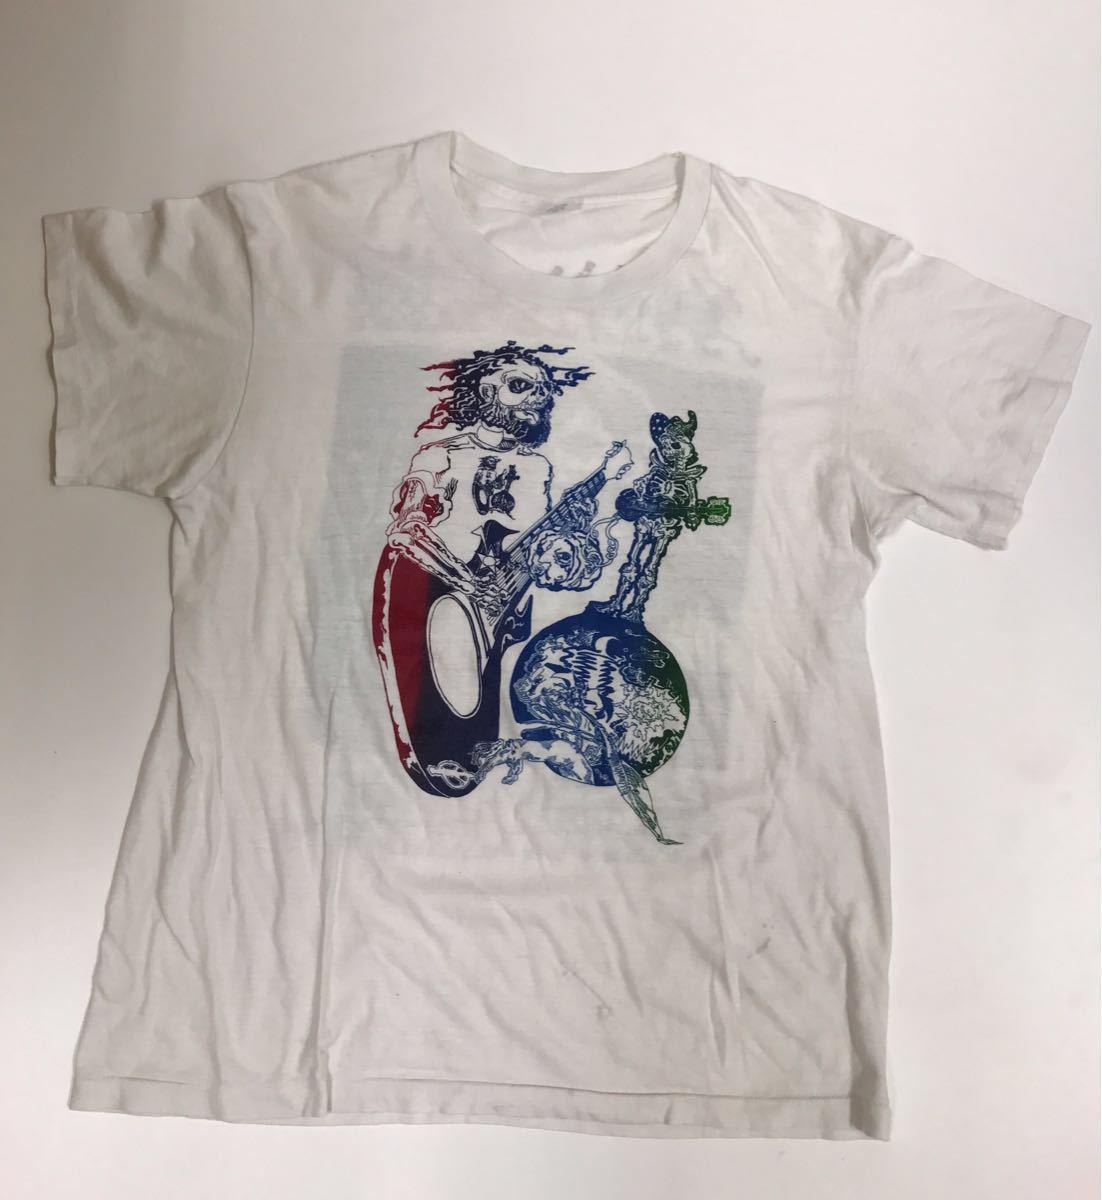 70s 80s ビンテージ Grateful Dead Tシャツ Jerry Garcia グレイトフルデッド ジェリー ガルシア ヒッピー カルチャー スカル_画像4